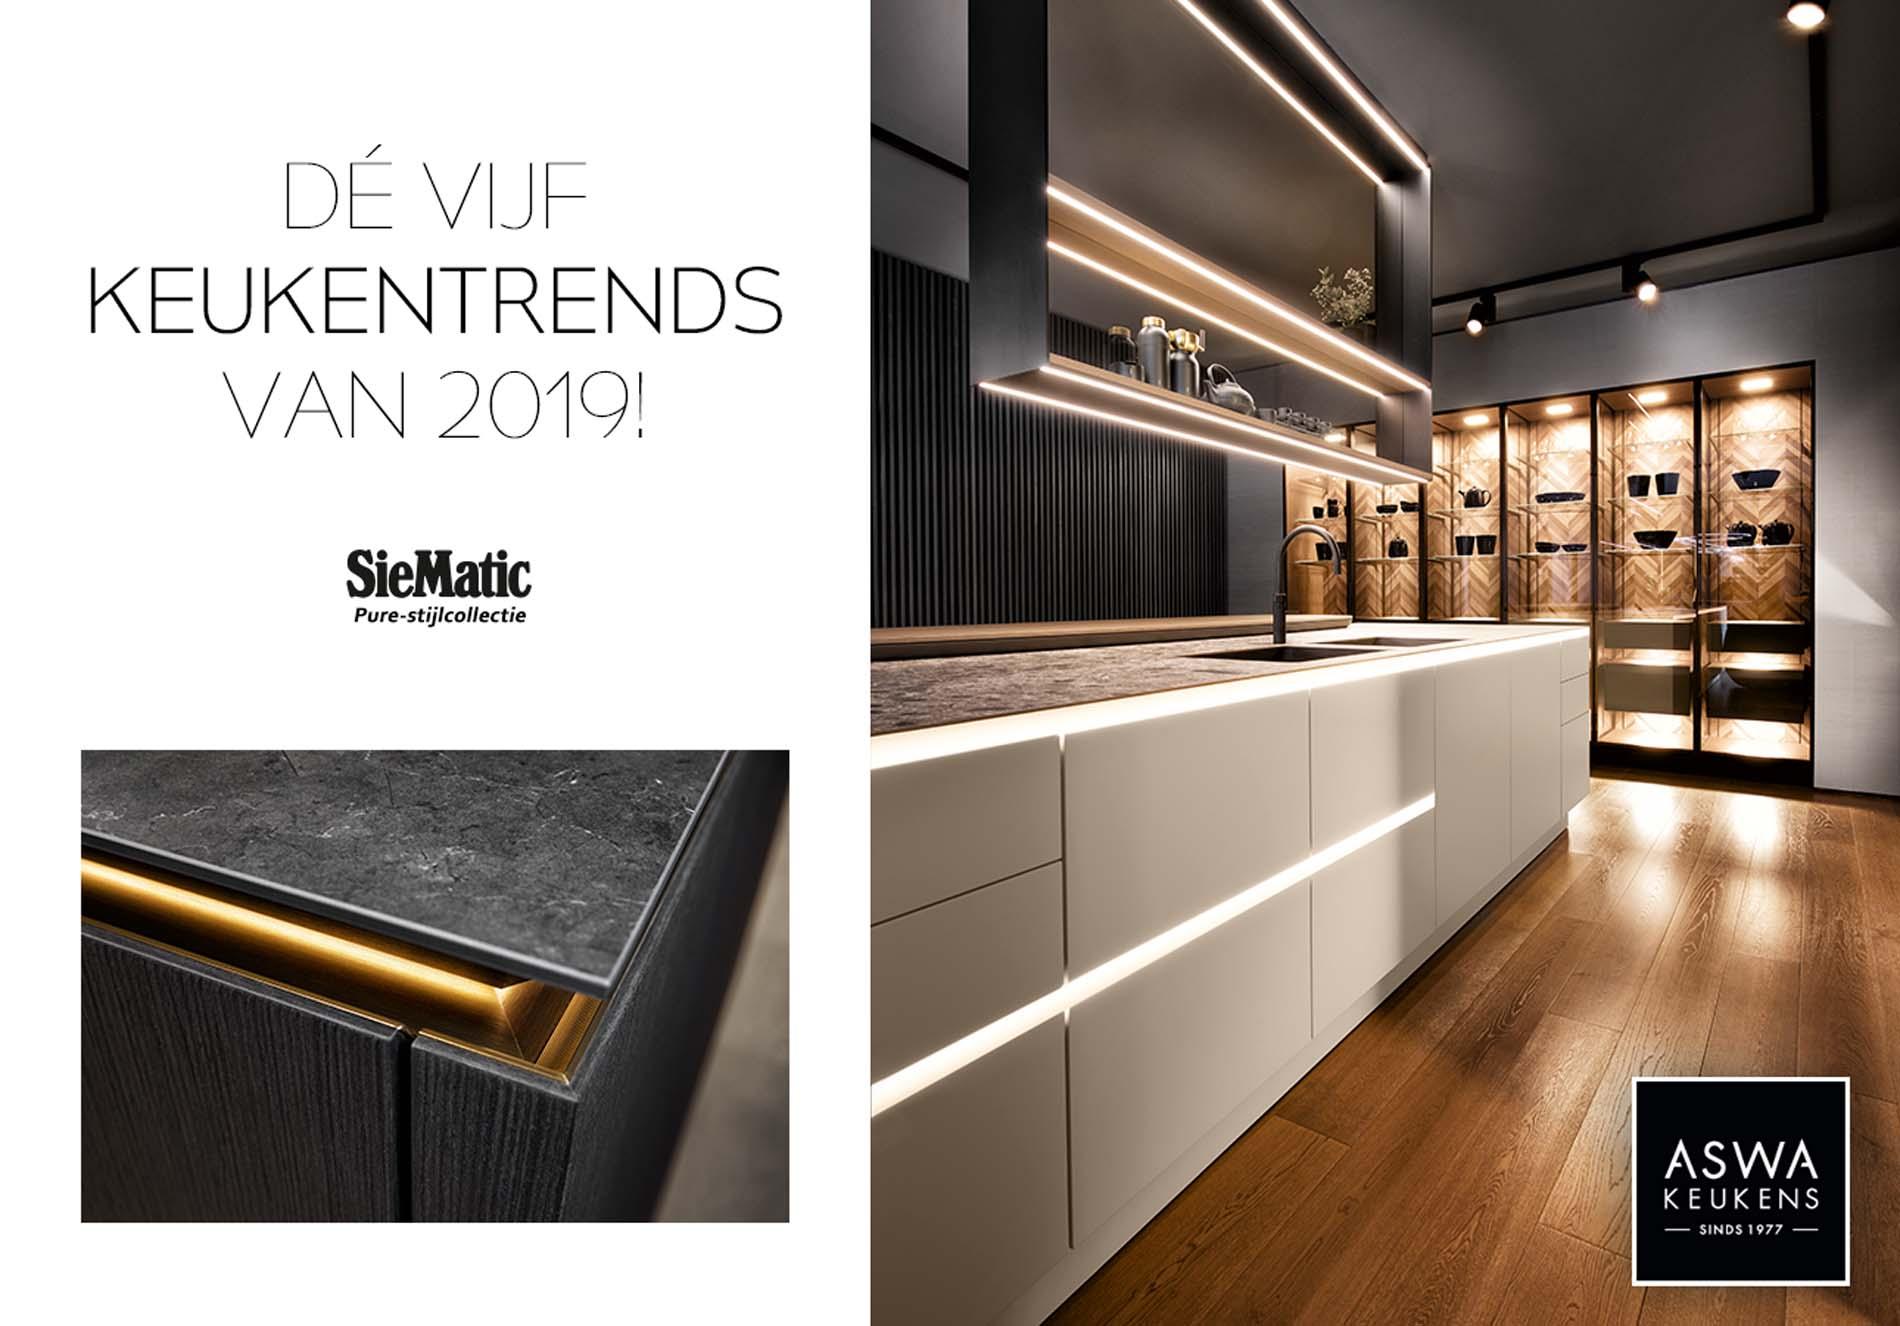 Keukentrends 2019 - Keuken Inspiratie, moderne keuken van SieMatic (10)